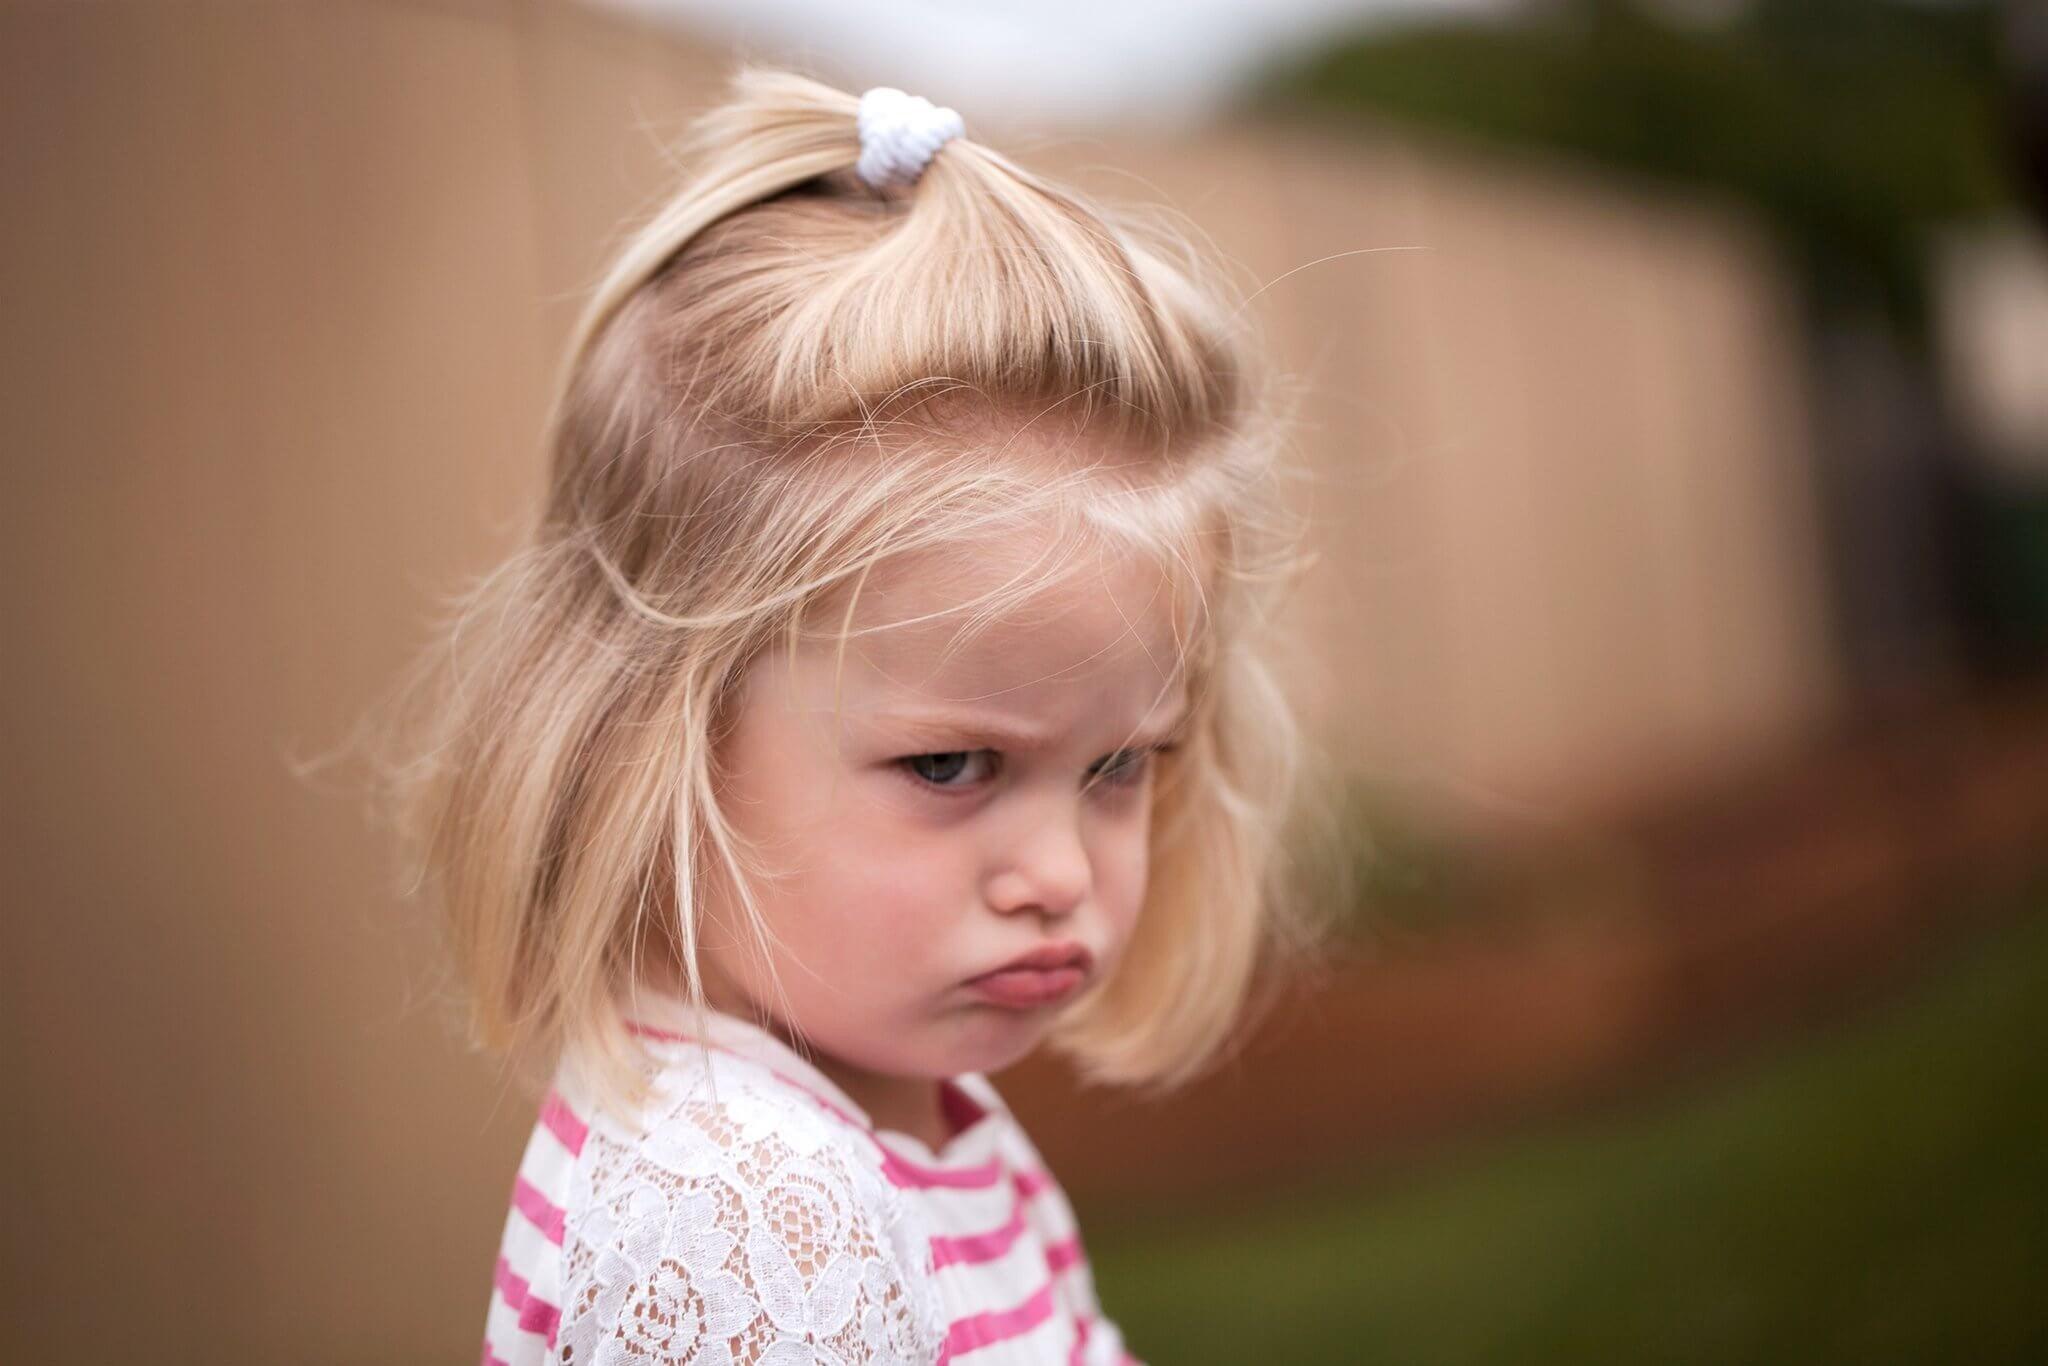 아이의 감정을 어떻게 다뤄야 할지 모르면 아이의 분노가 폭발하게 된다.